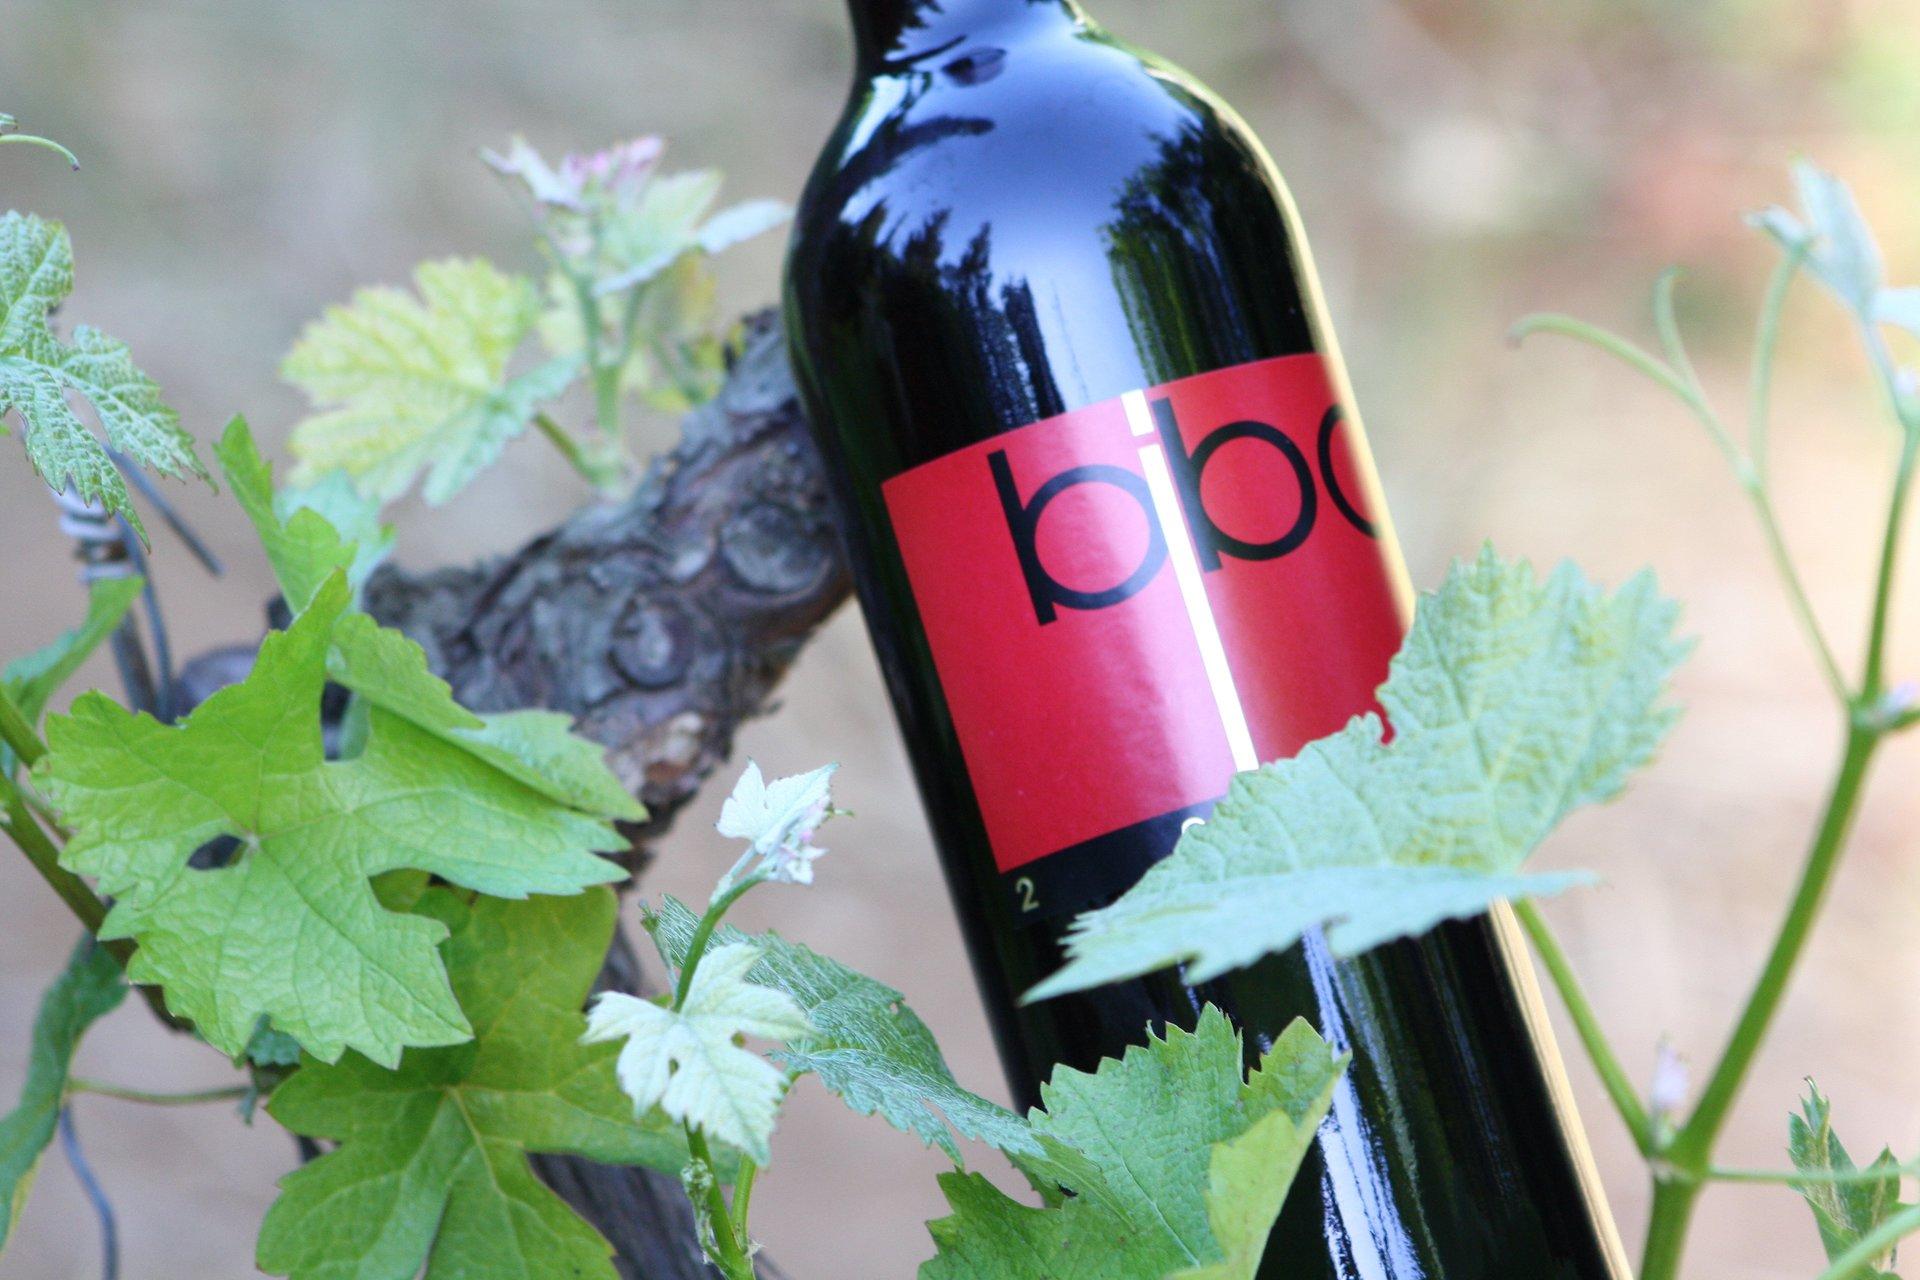 Bottiglia vino rosso Bibo